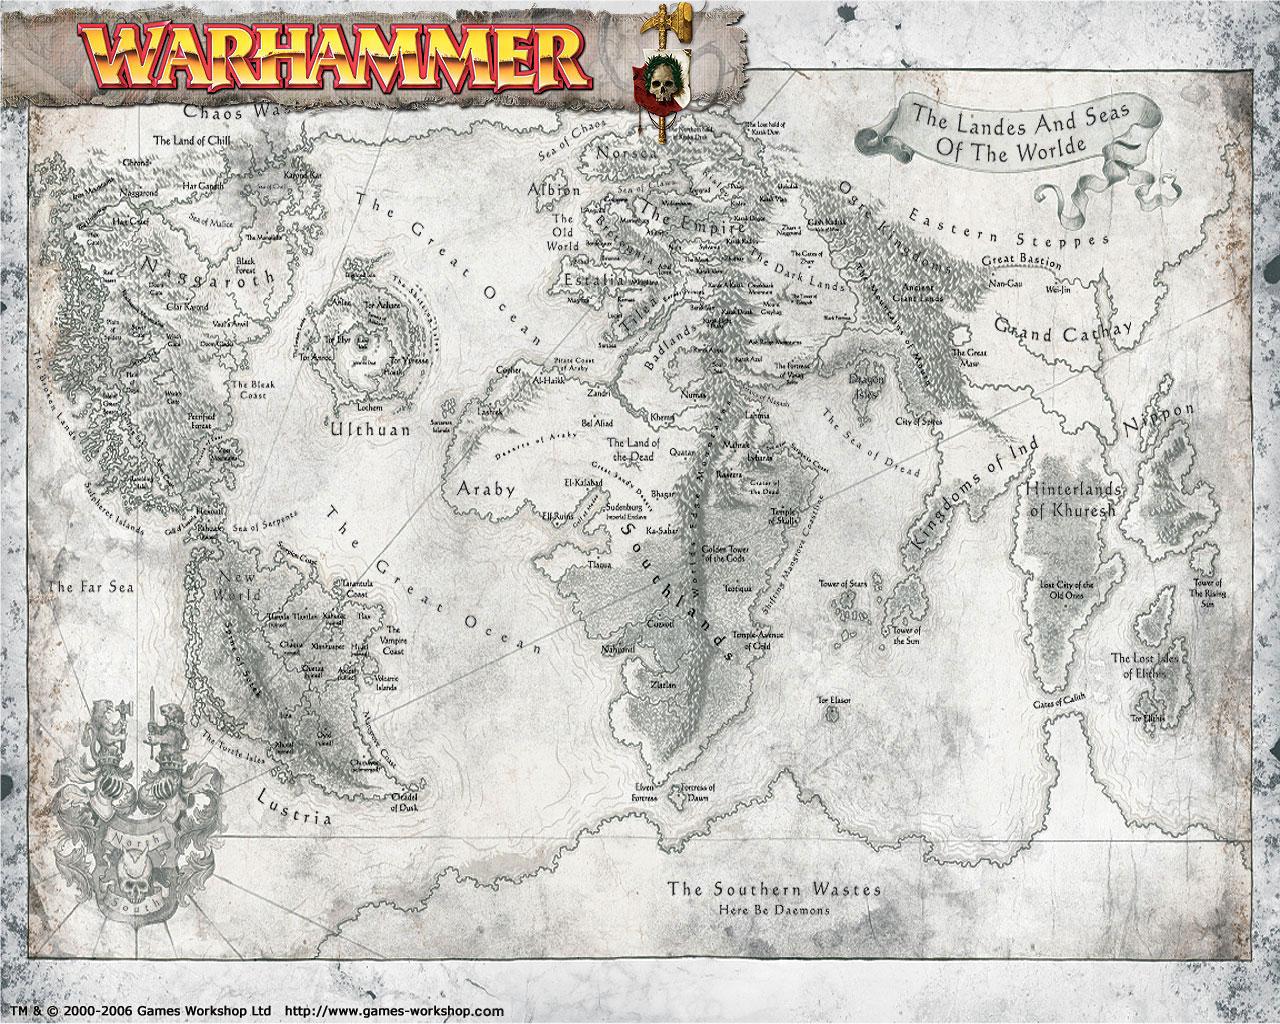 WarhammerWorld